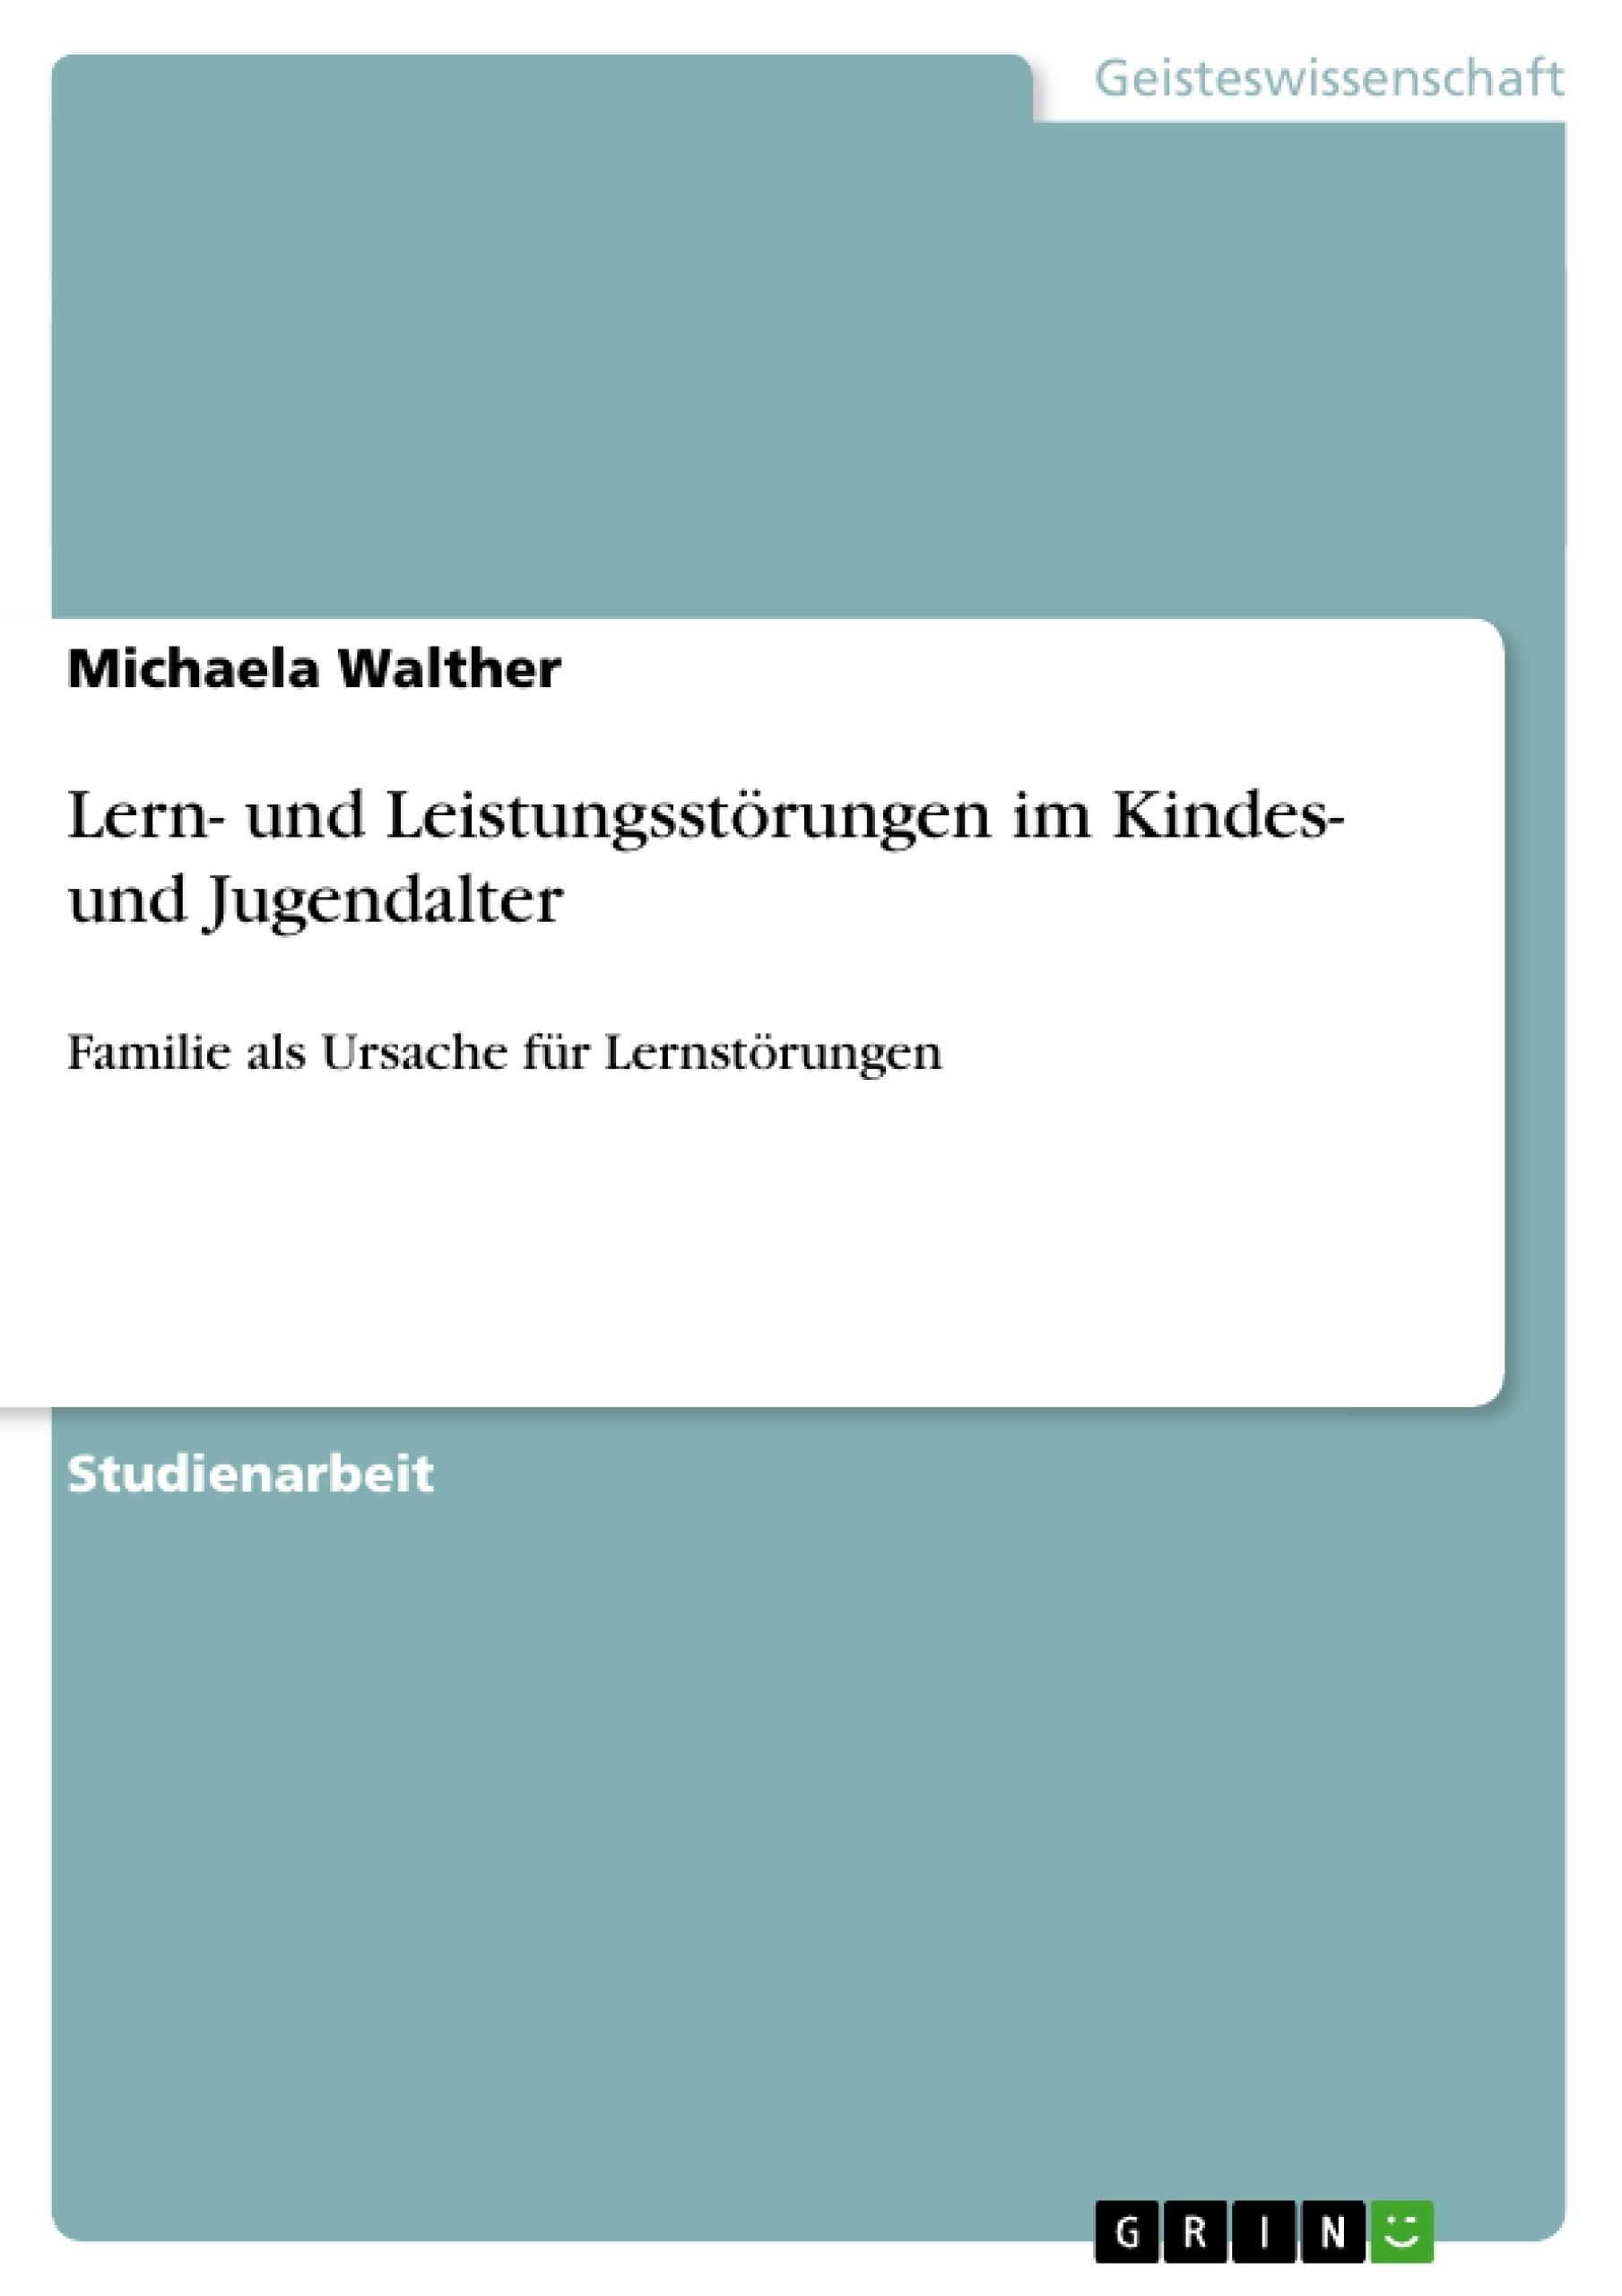 Titel: Lern- und Leistungsstörungen im Kindes- und Jugendalter